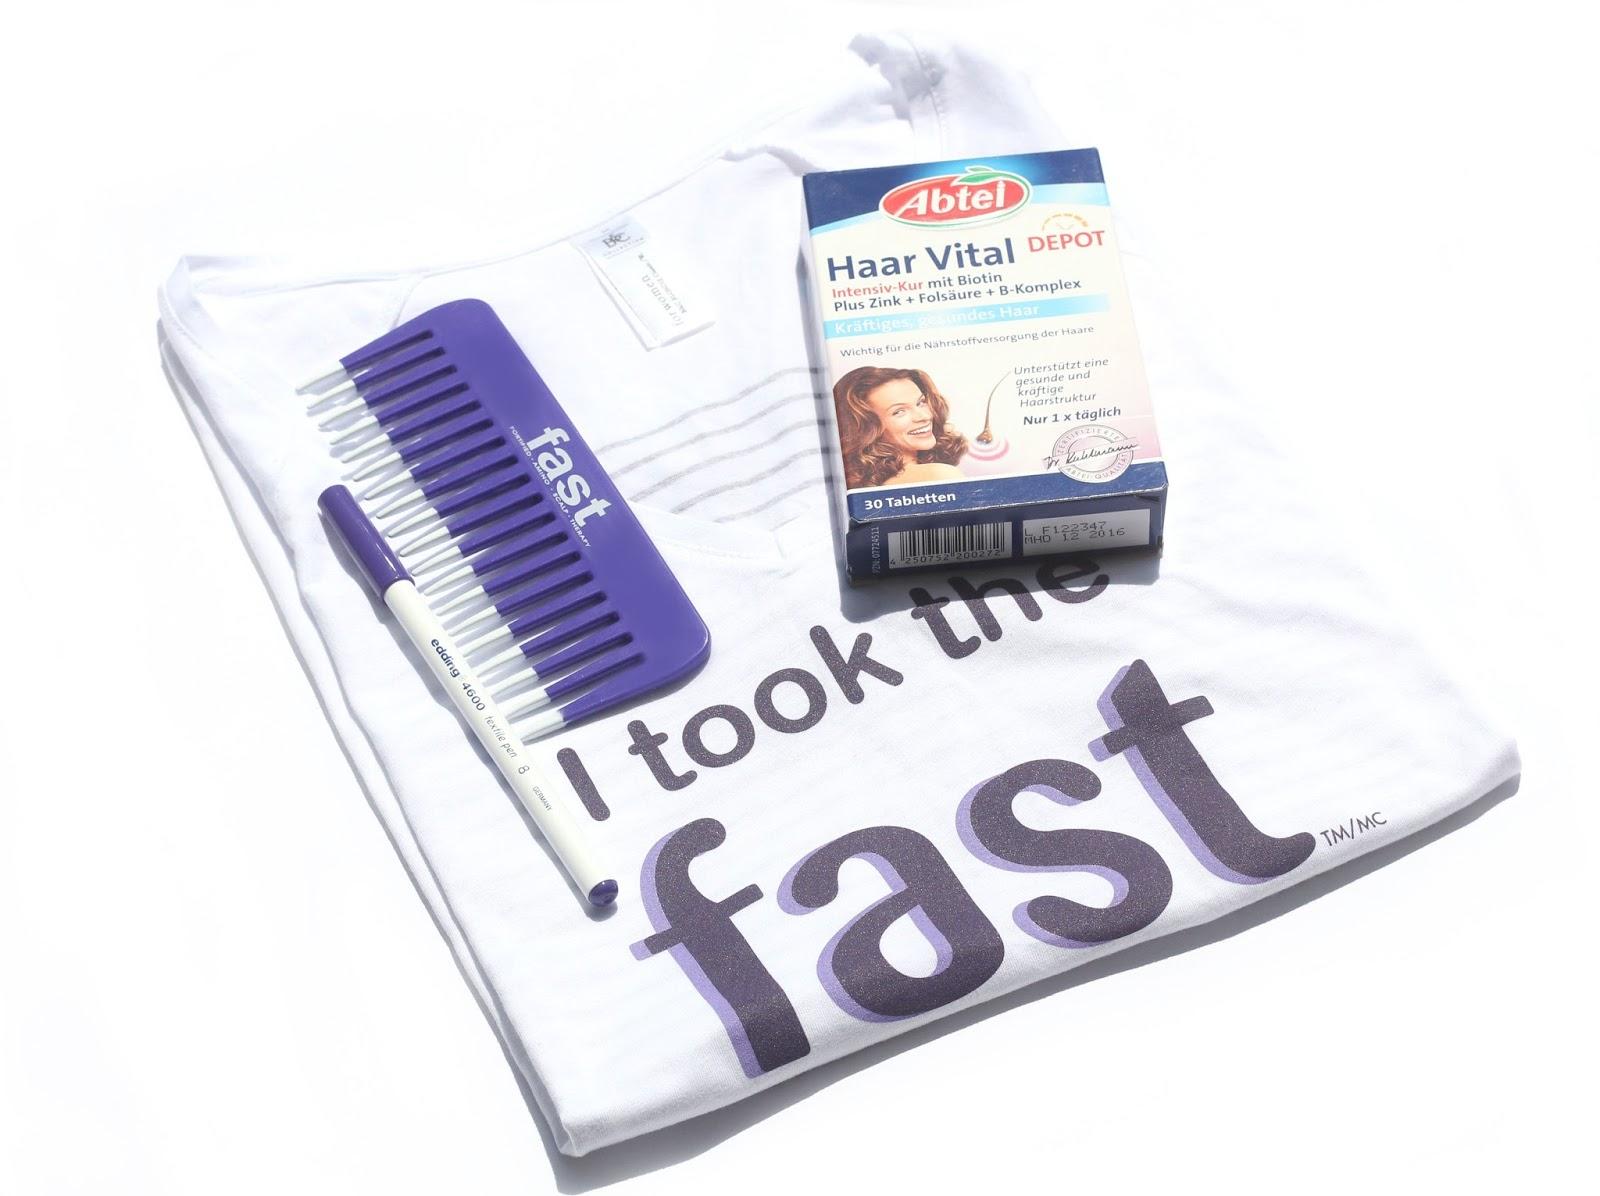 Haare schneller wachsen lassen tabletten